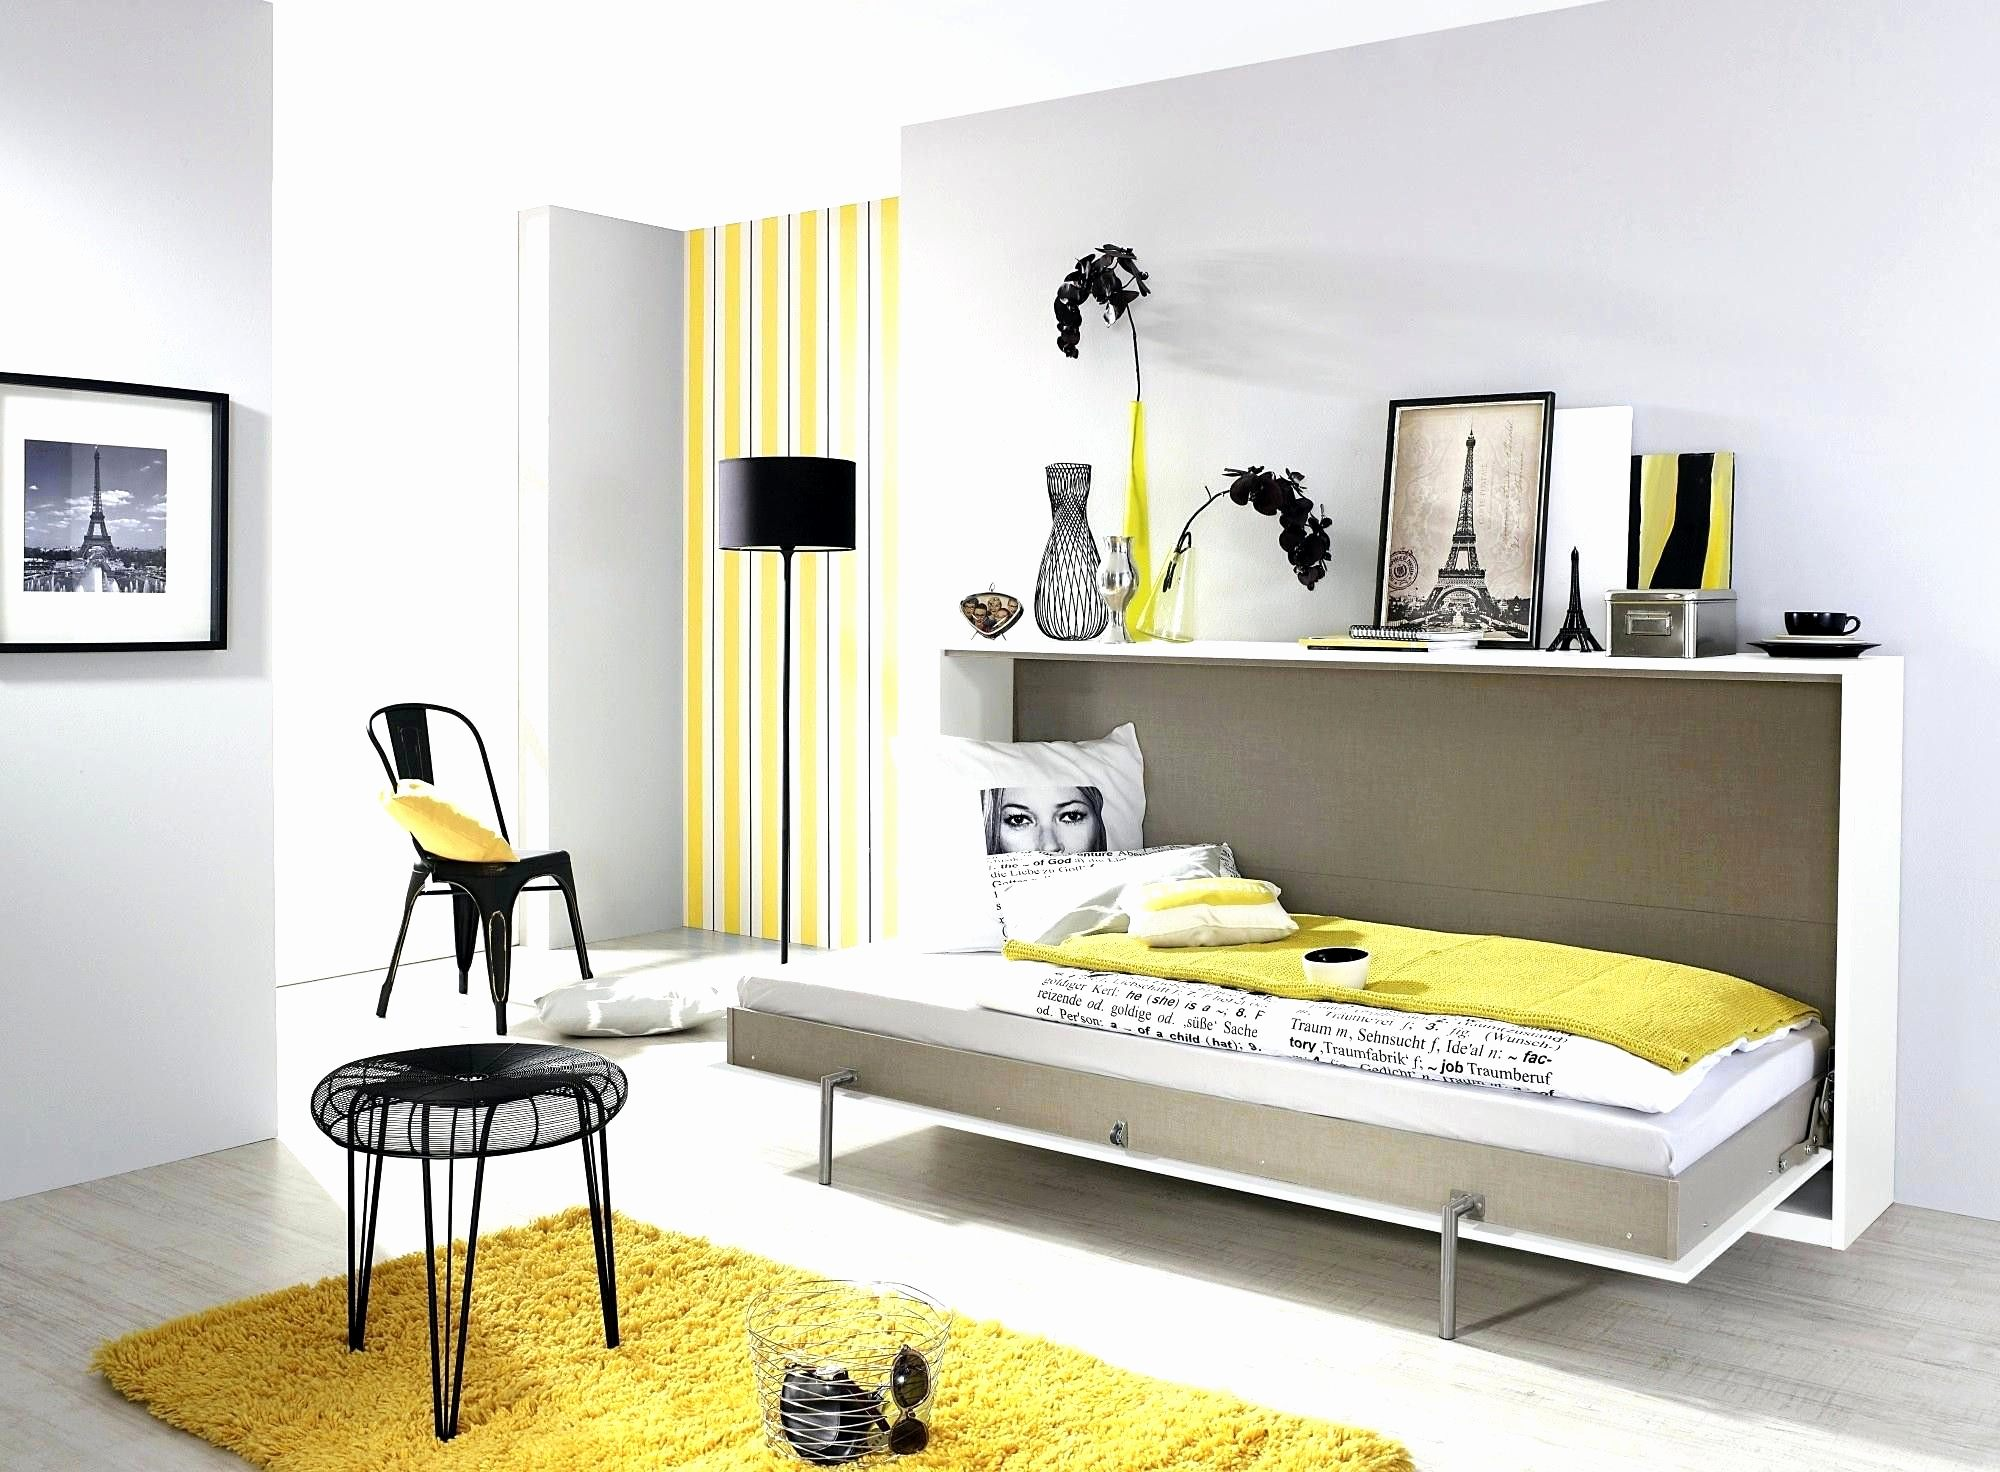 Rangement Dessous De Lit Impressionnant Escalier Avec Rangement Génial Ikea Bureau Etagere Bureau sous